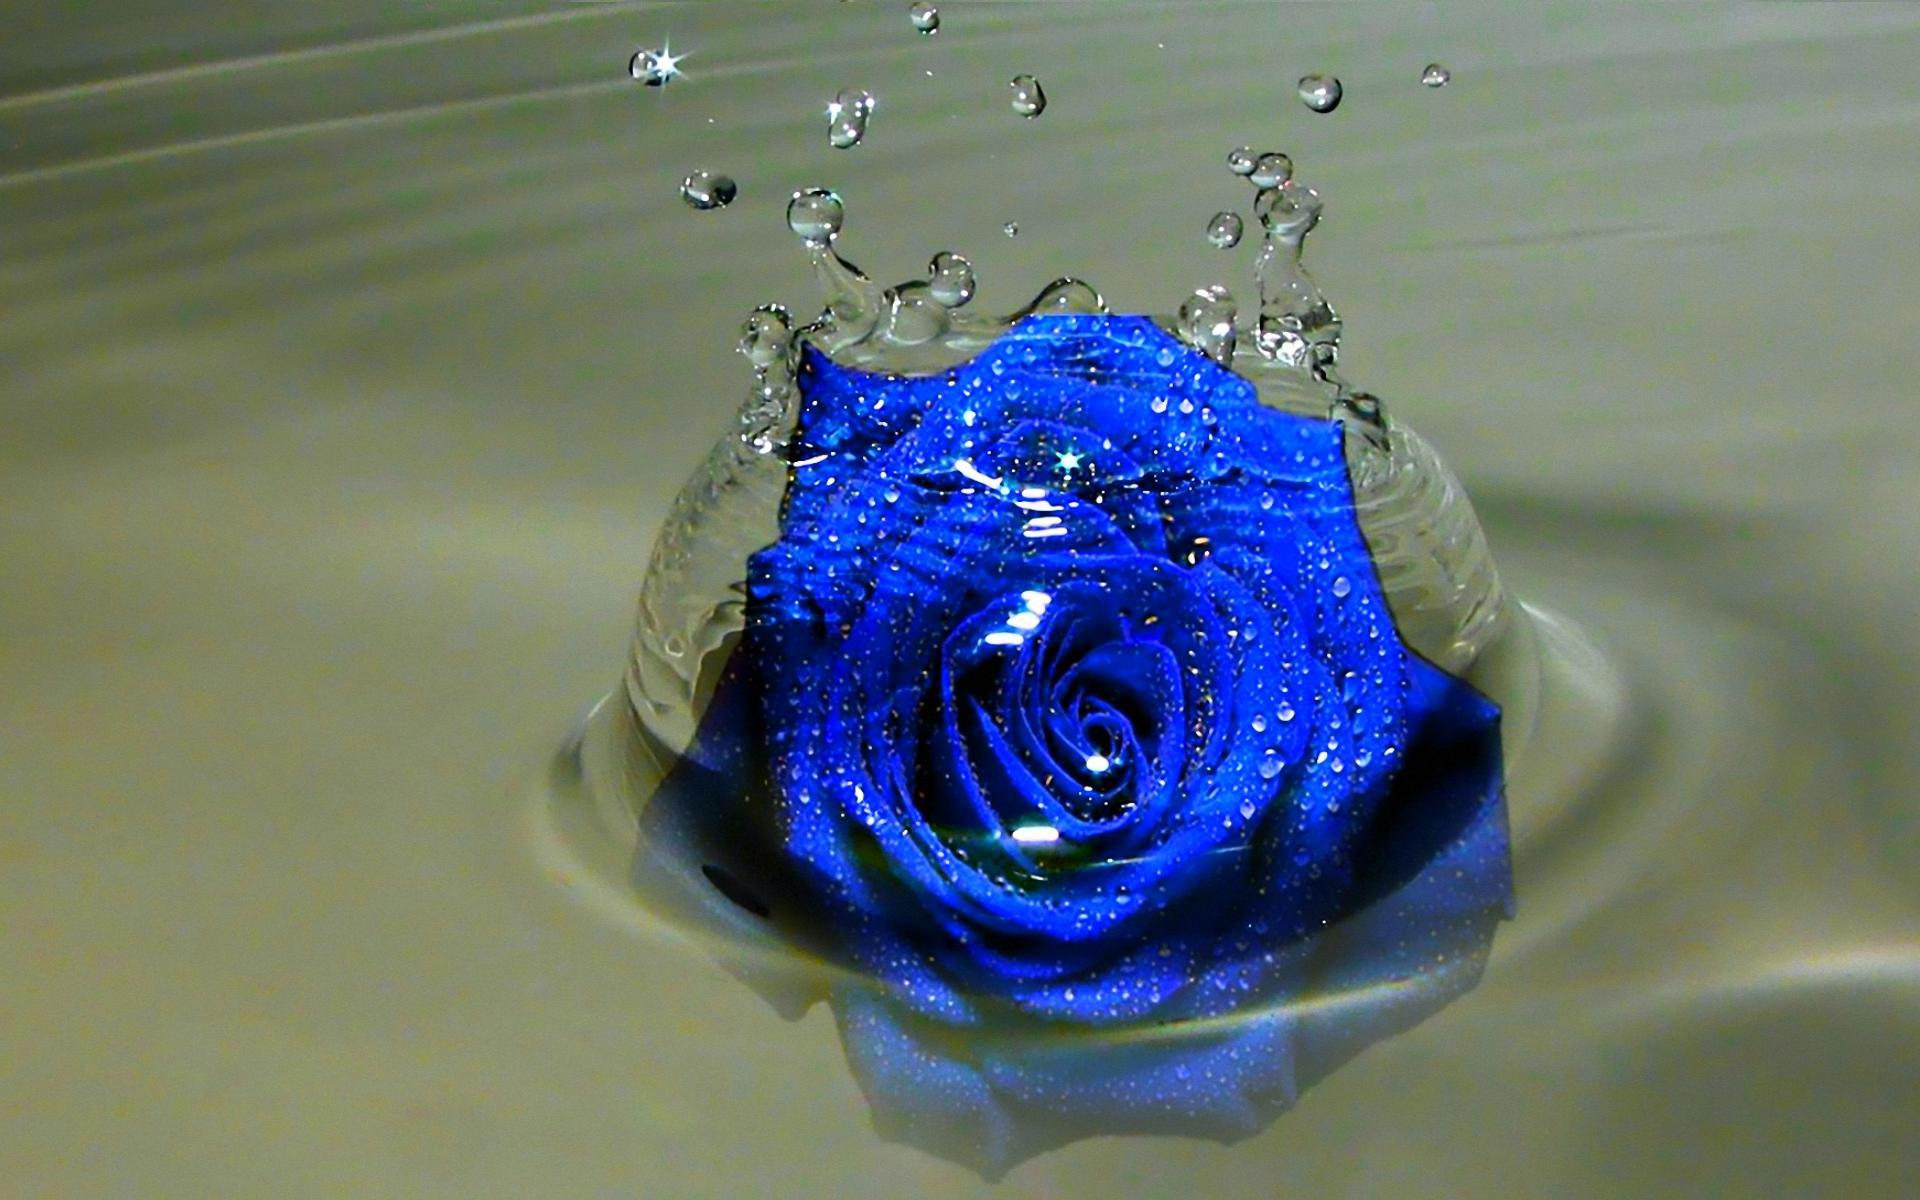 Free Blue Rose Wallpaper Wallpapersafari